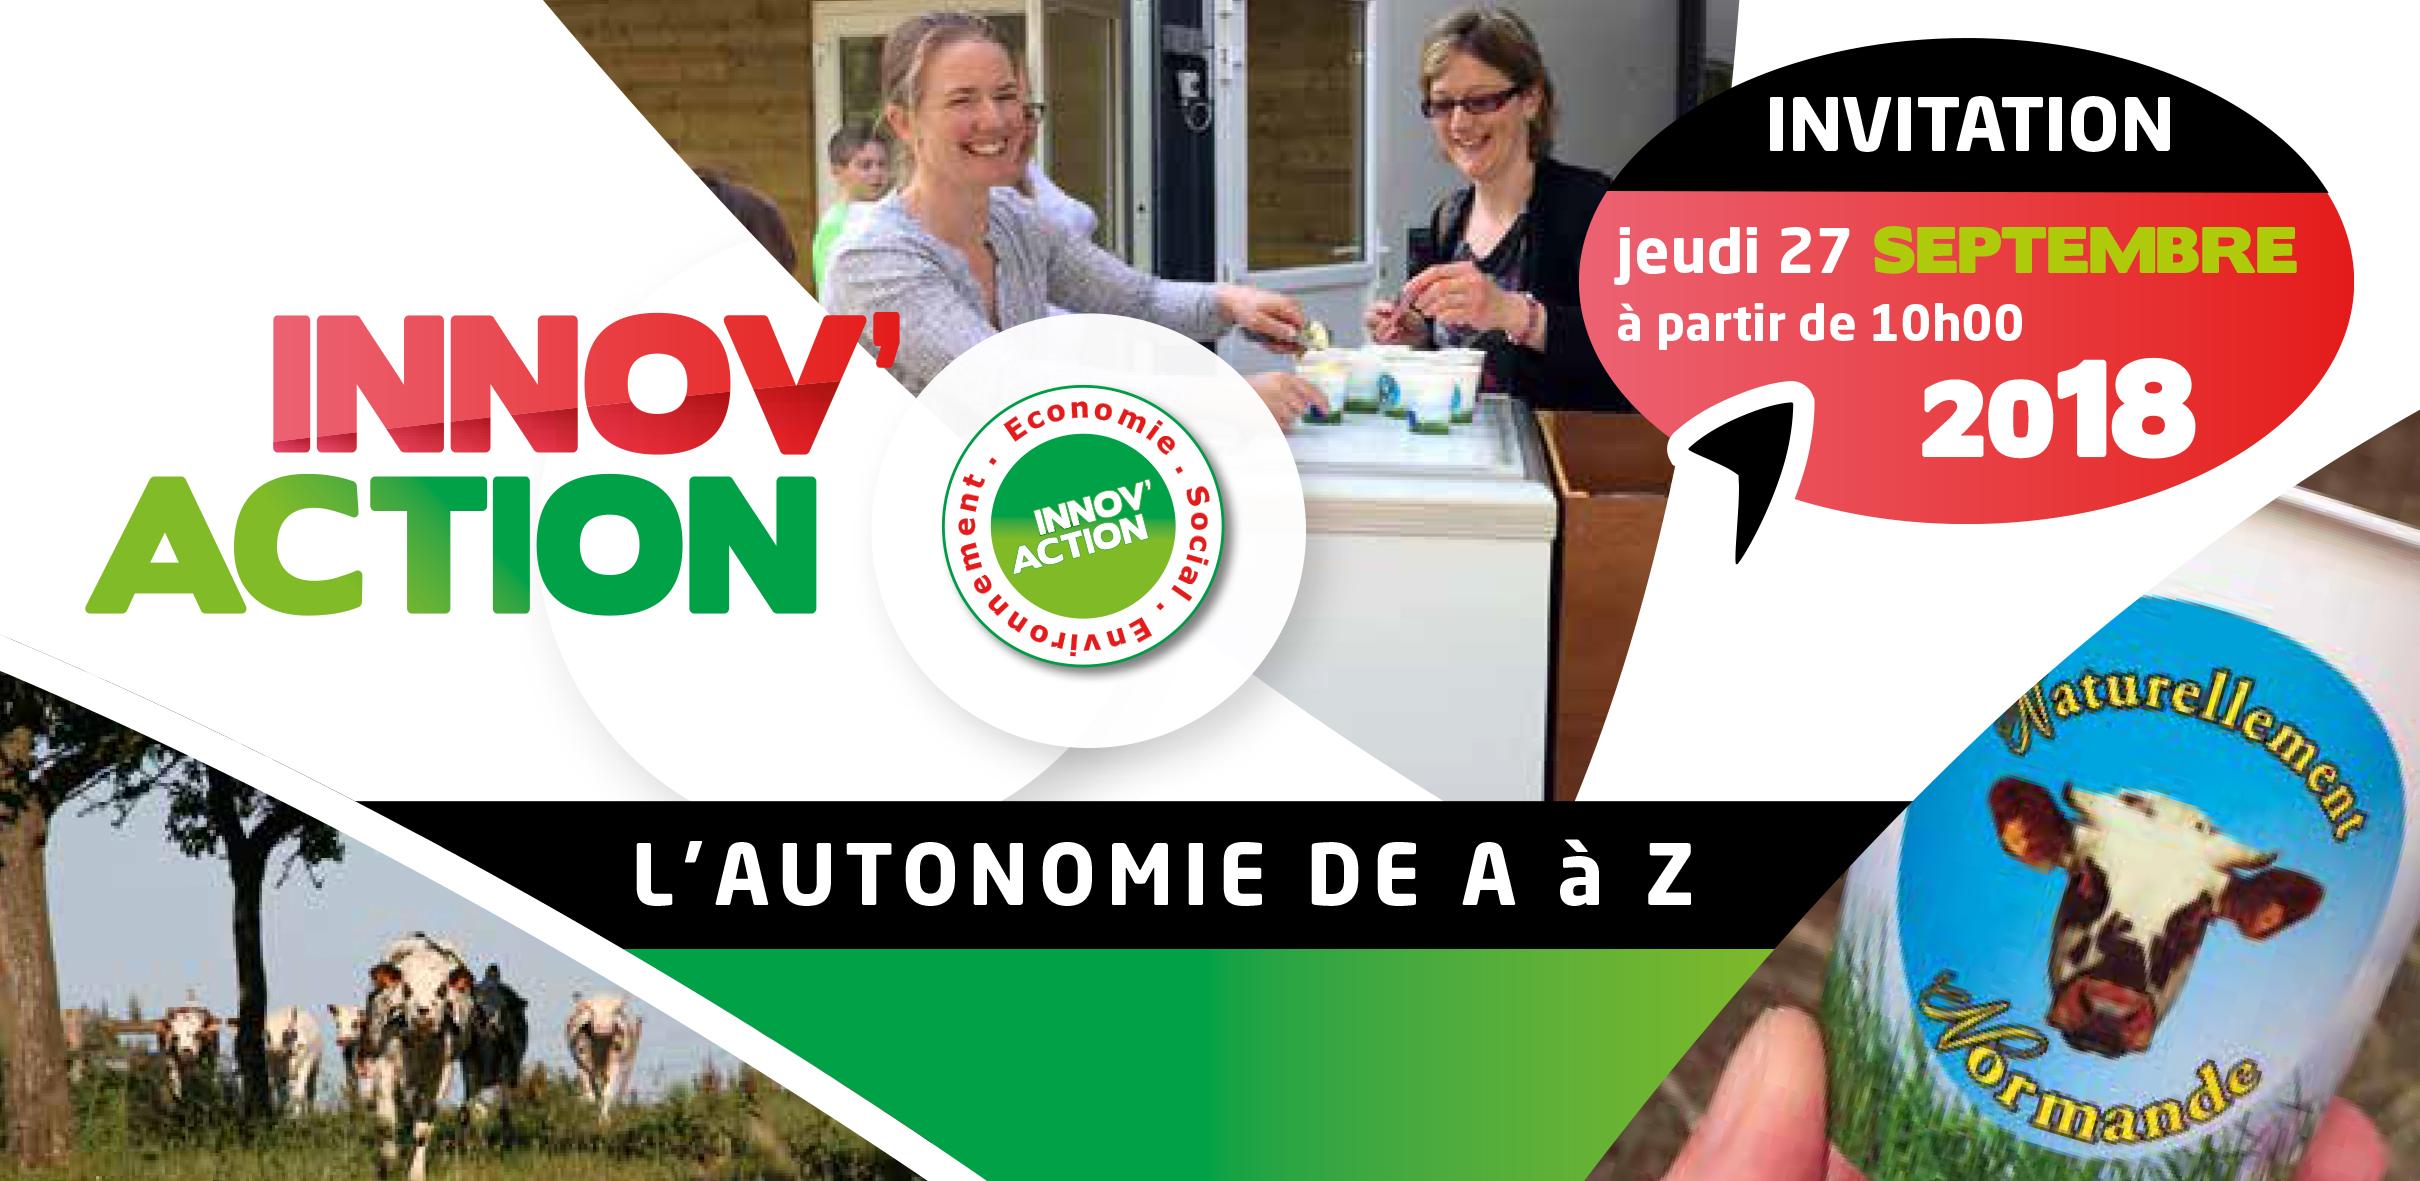 Journée INNOV'ACTION, le rendez-vous des agriculteurs qui innovent, le 27 septembre 2018